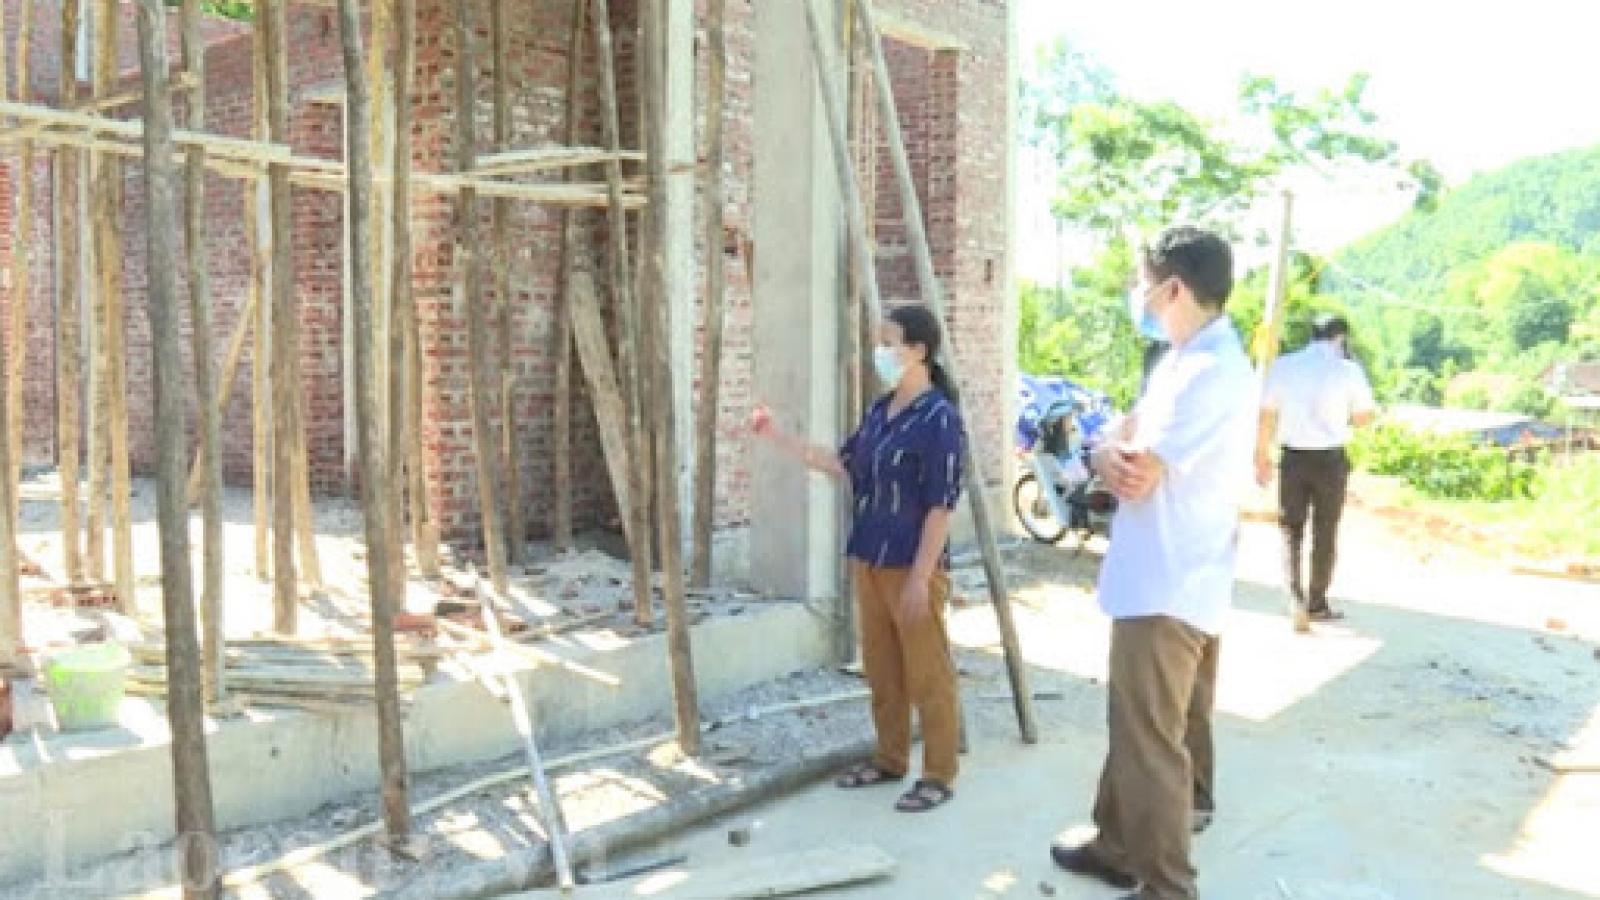 Ấm áp những nếp nhà tình nghĩa ở Bảo Thắng (Lào Cai)